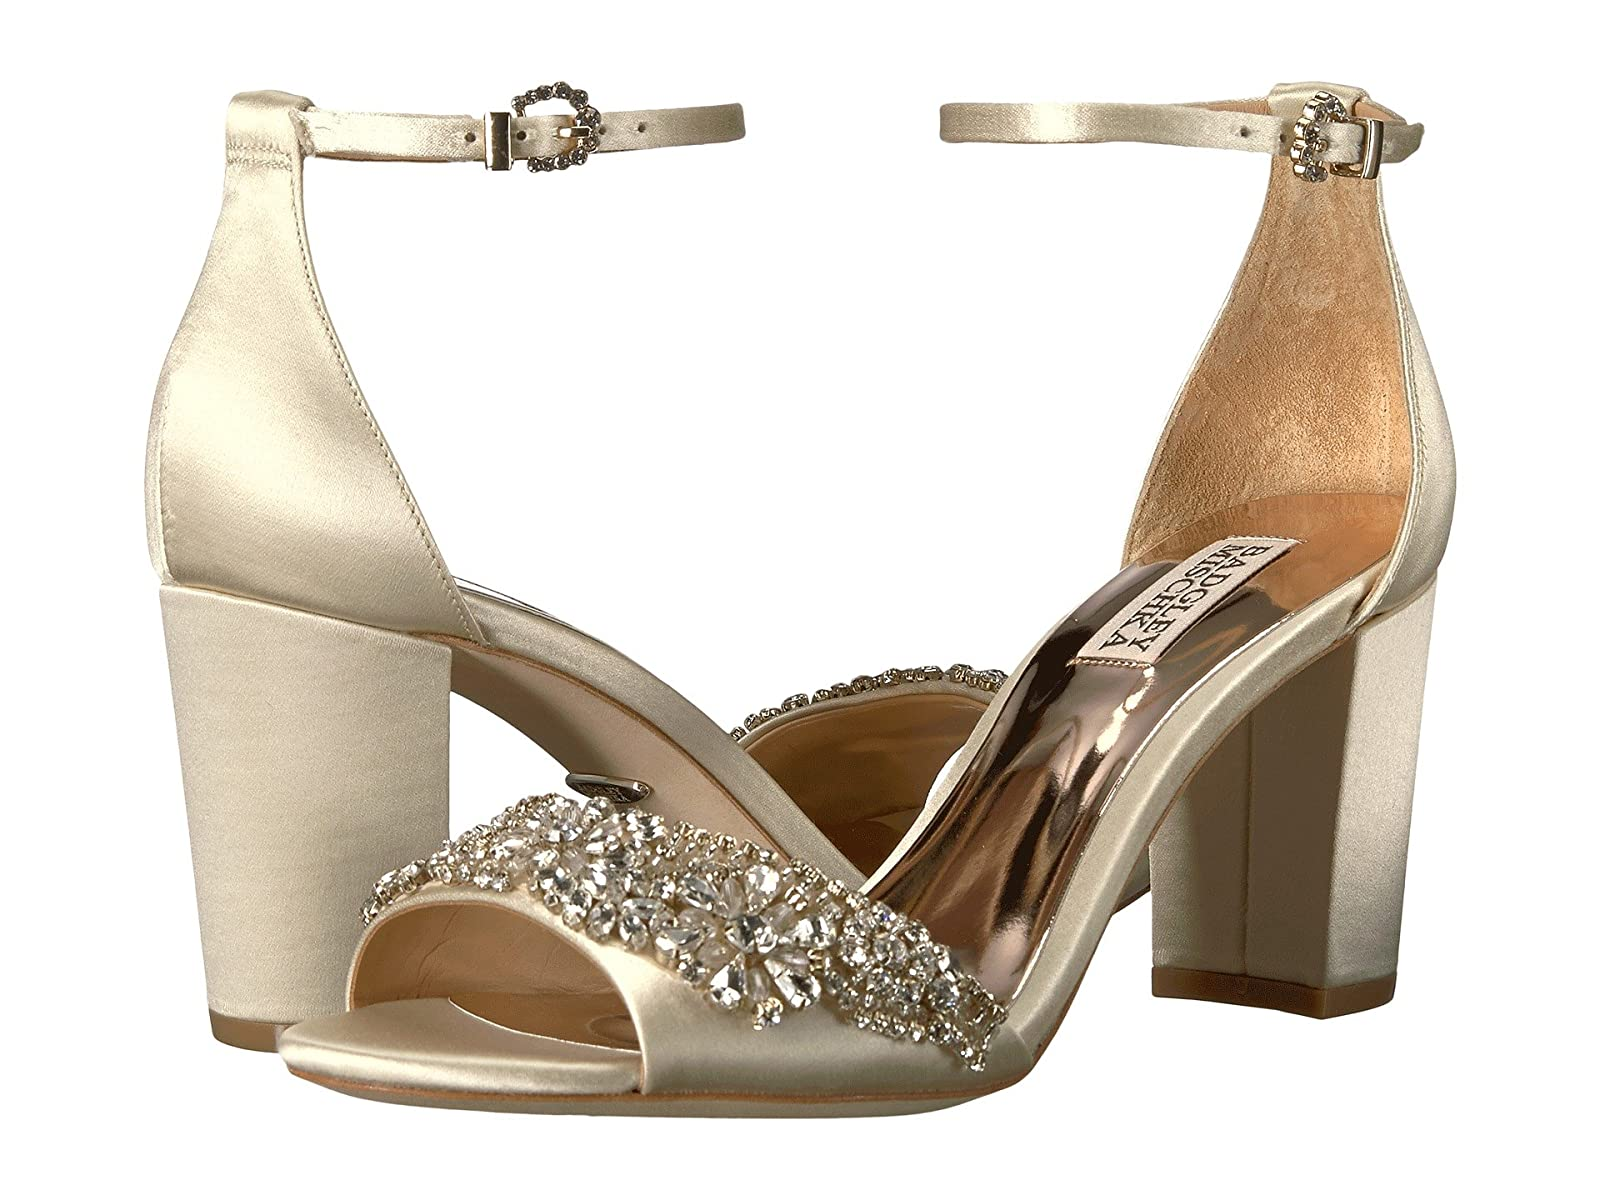 Badgley Mischka HinesCheap and distinctive eye-catching shoes